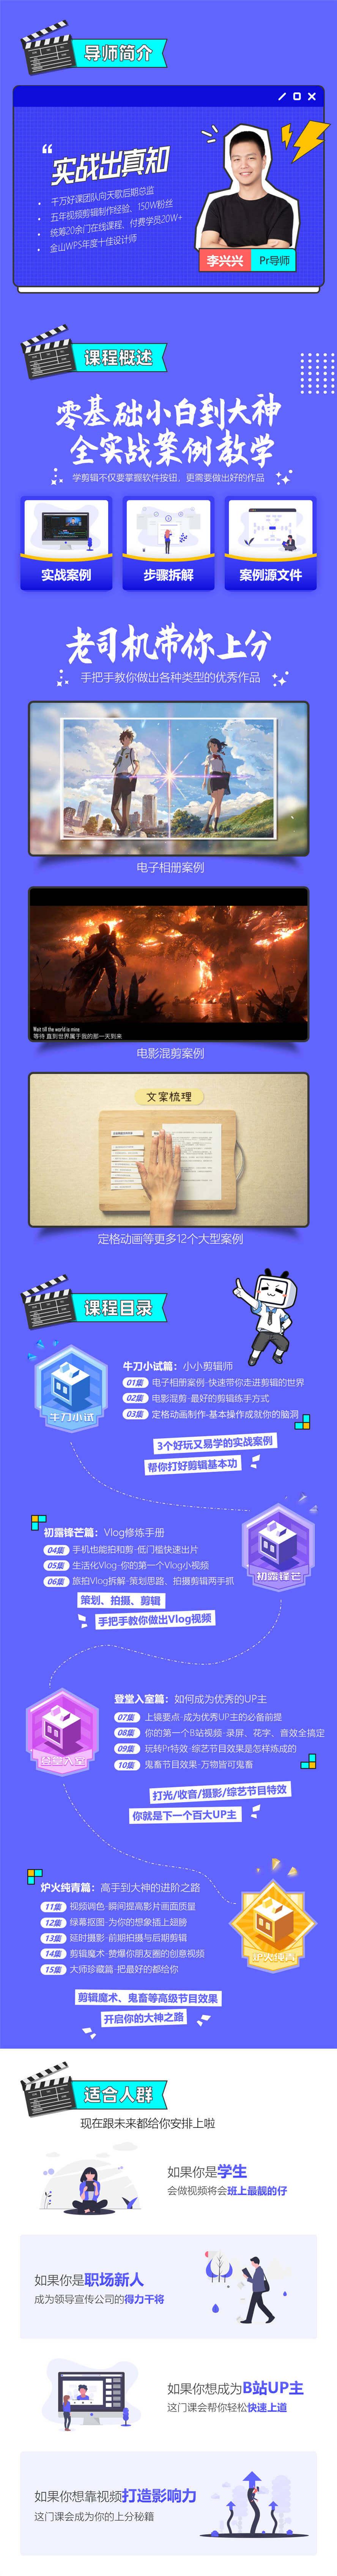 李兴兴PR剪辑实战案例攻略15课